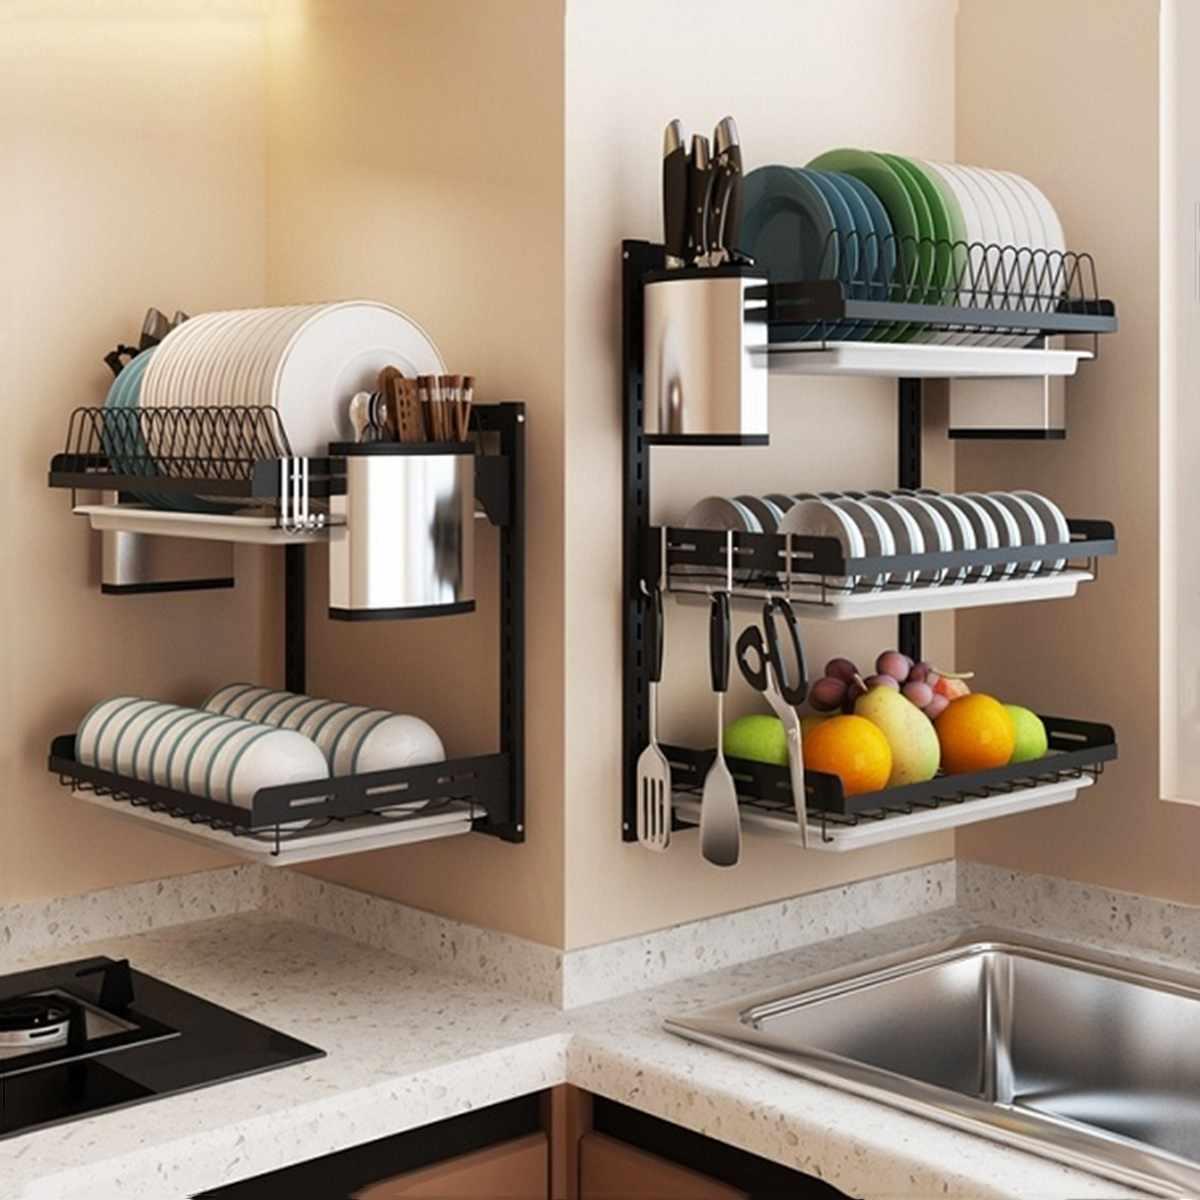 Stainless Steel Kitchen Rack Diy Wall Kitchen Shelf Diy Kitchen Holder Organizer Dish Rack Chopsticks Cage Knife Holder Storage Holders Racks Aliexpress